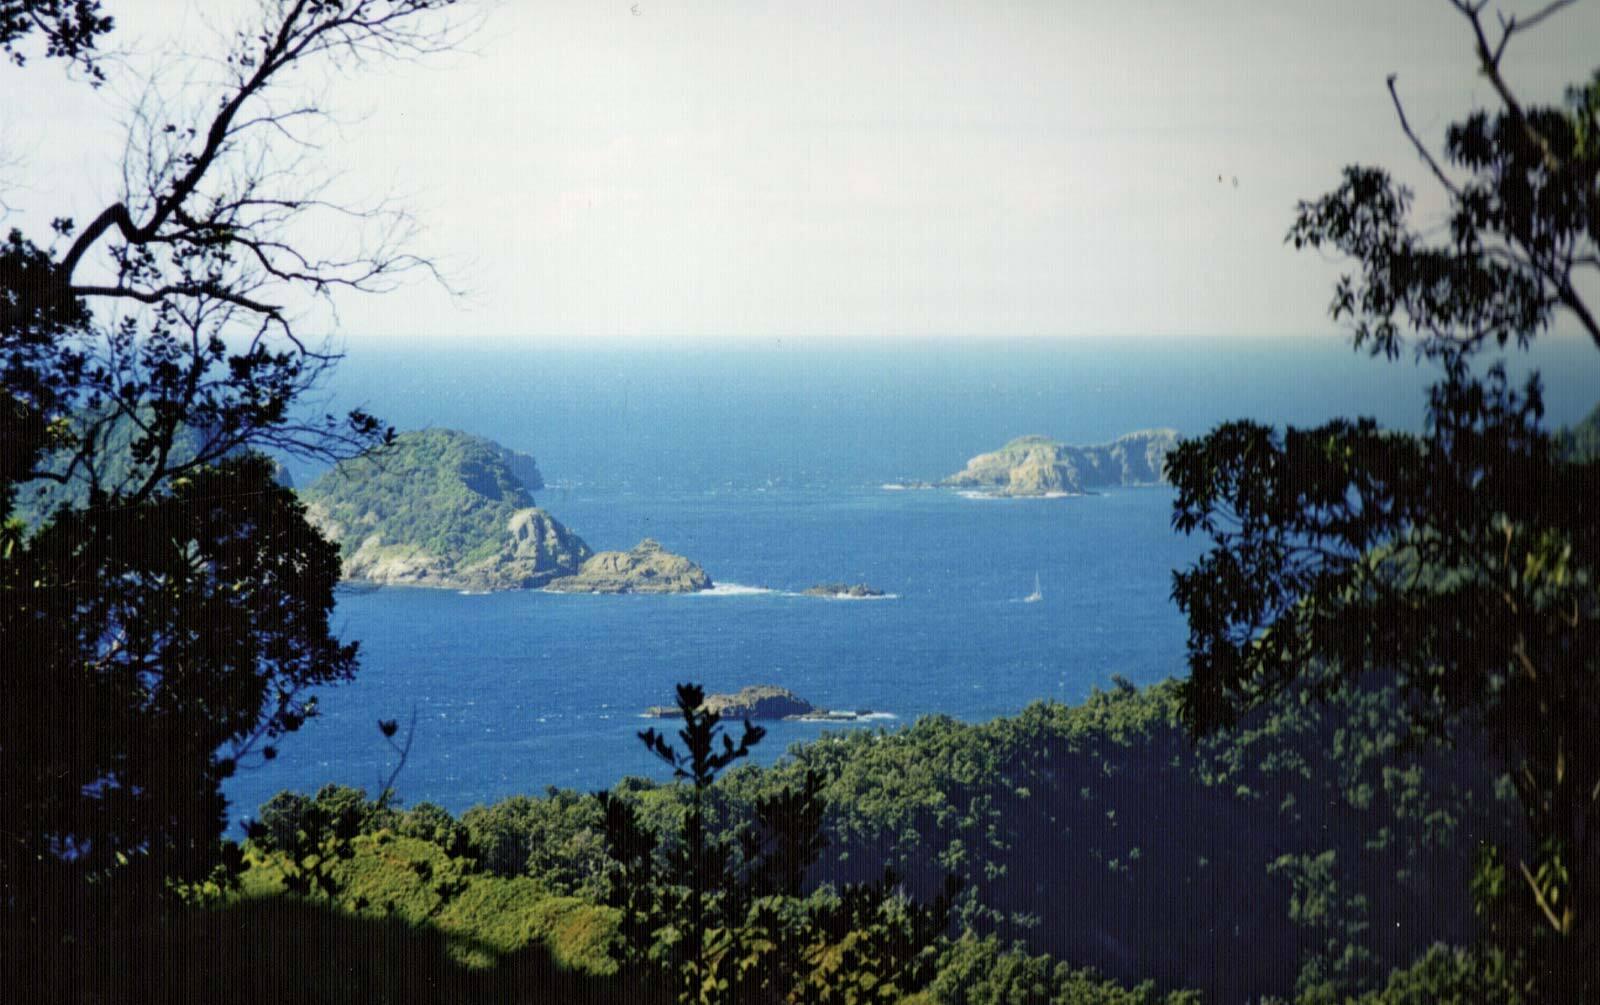 تحذير من تسونامي بعد زلزال قوي قبالة سواحل نيوزيلندا